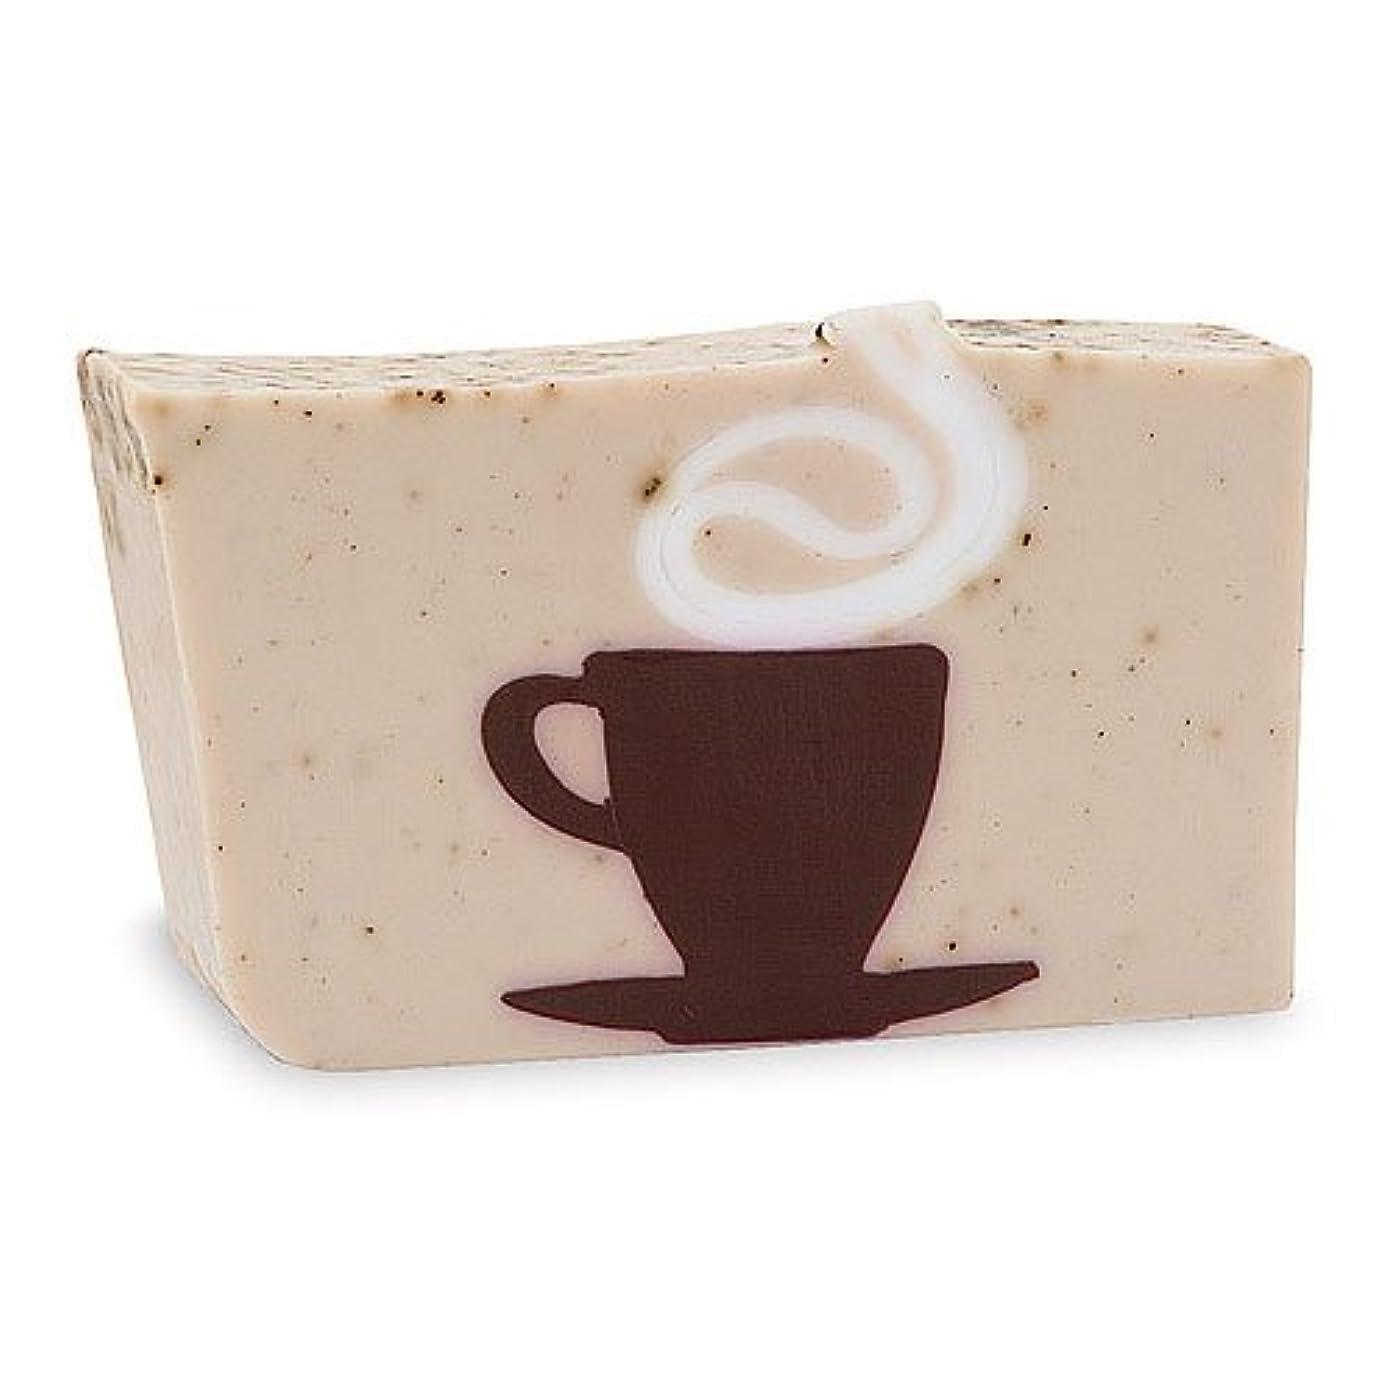 普通に出席質素なプライモールエレメンツ アロマティック ソープ カフェオレ 180g 植物性 ナチュラル 石鹸 無添加